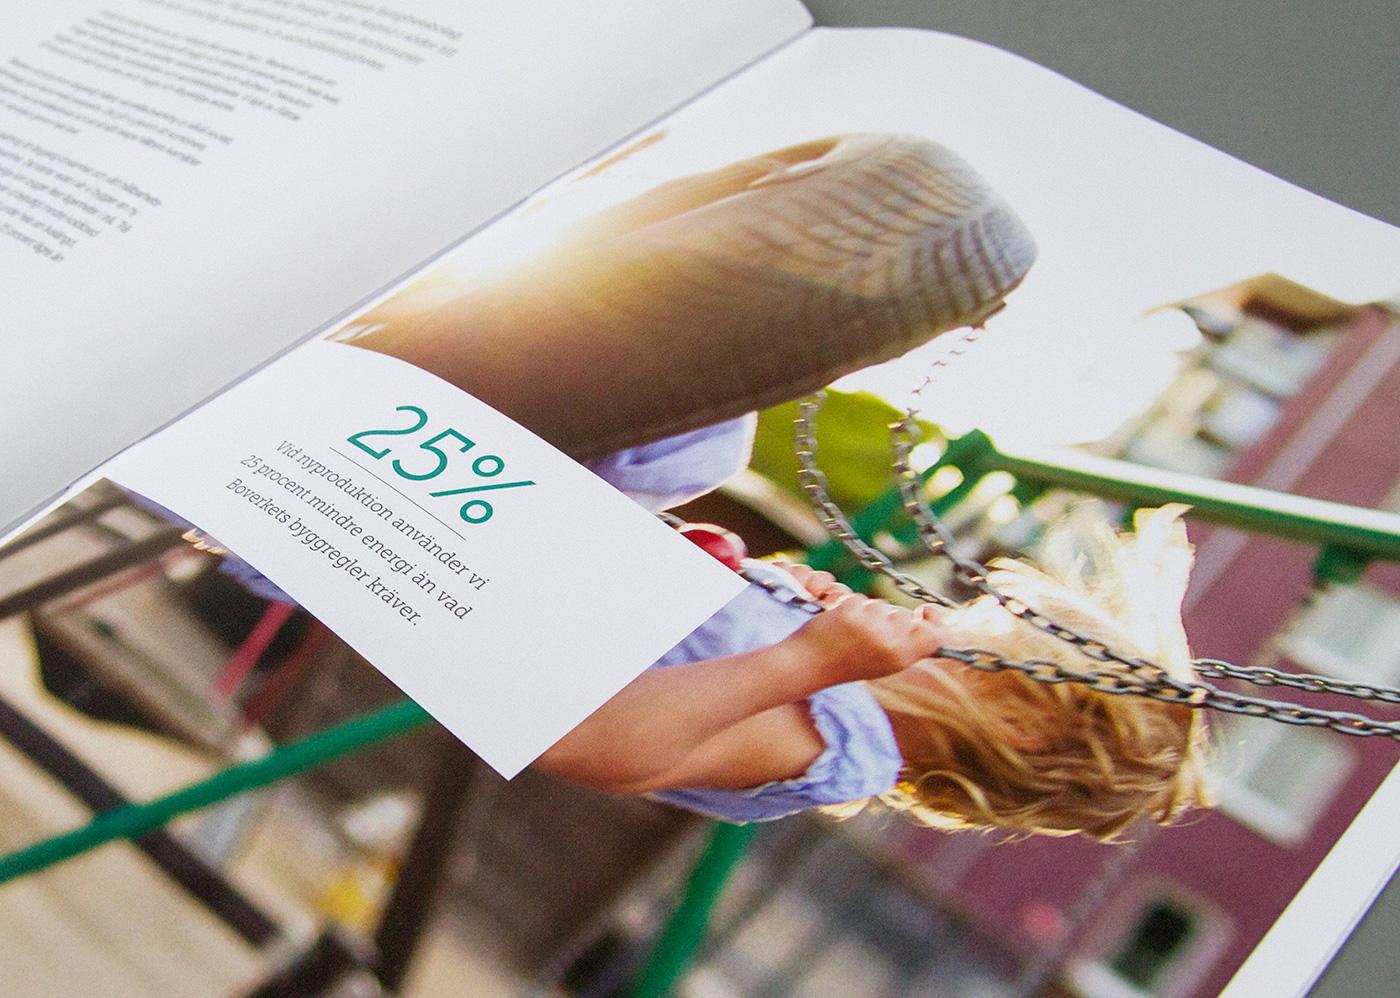 Detaljbild från katalogen